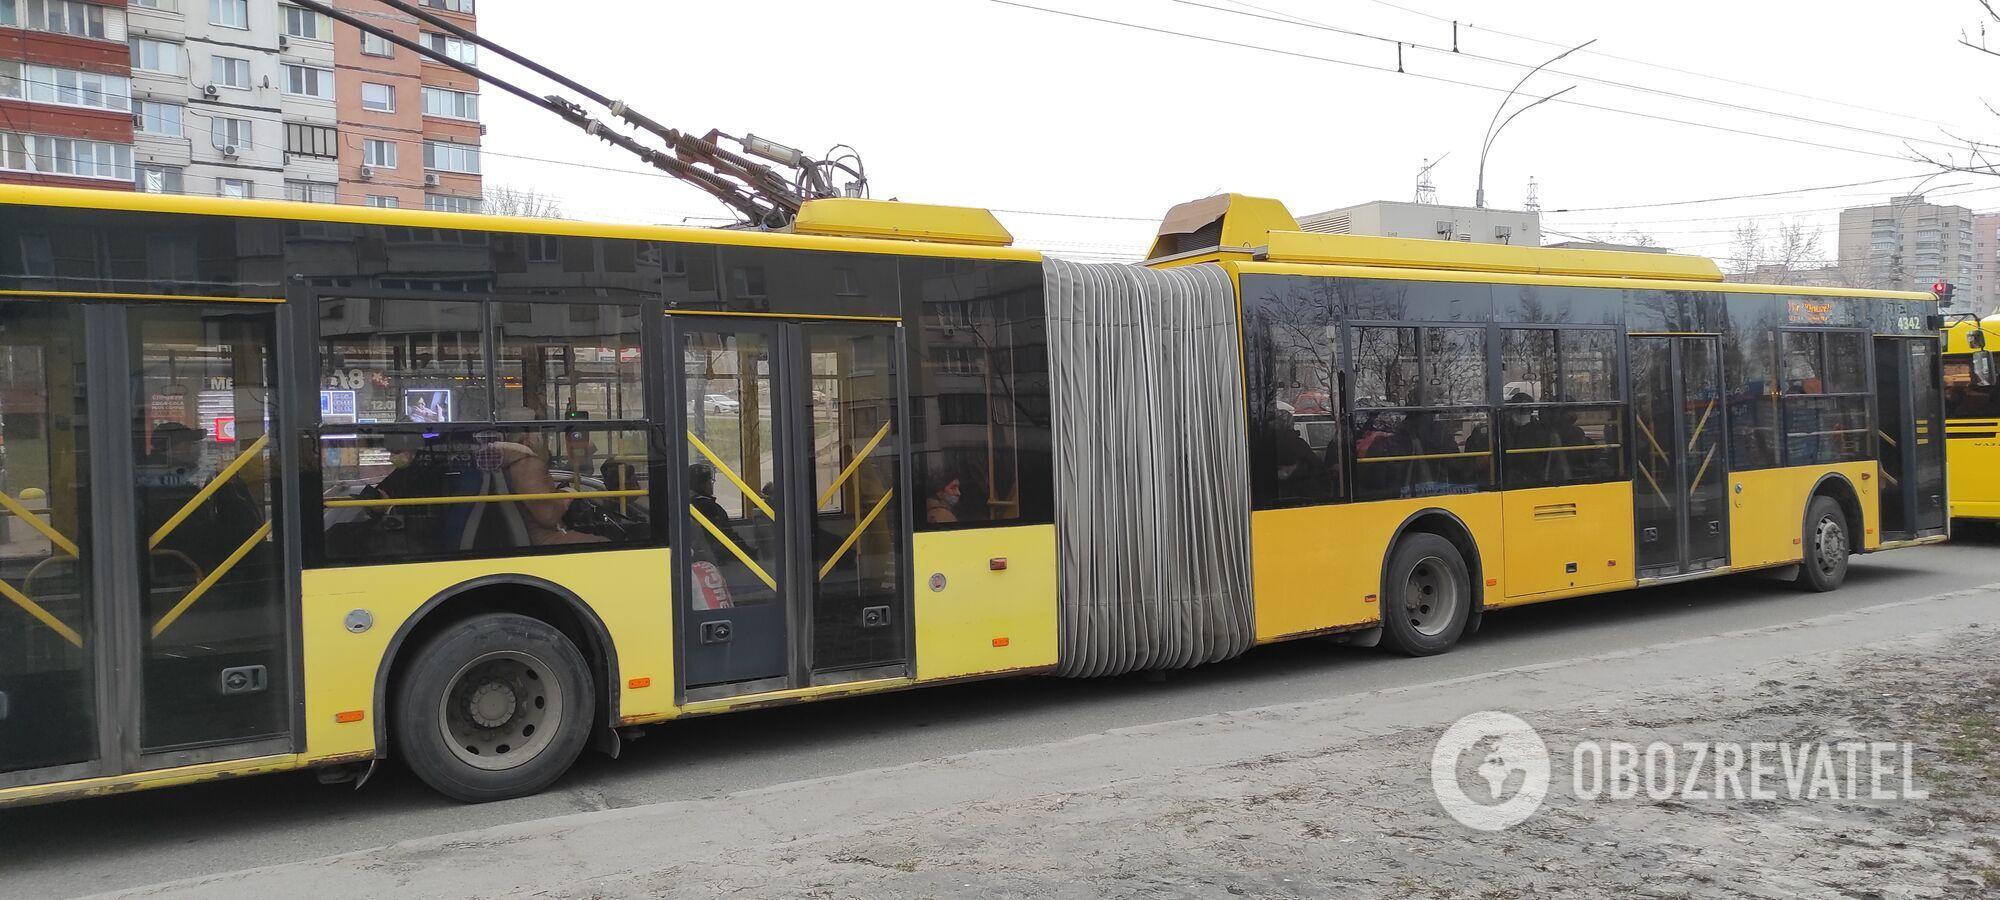 Часто комунальний транспорт просто не зупиняється на зупинках.